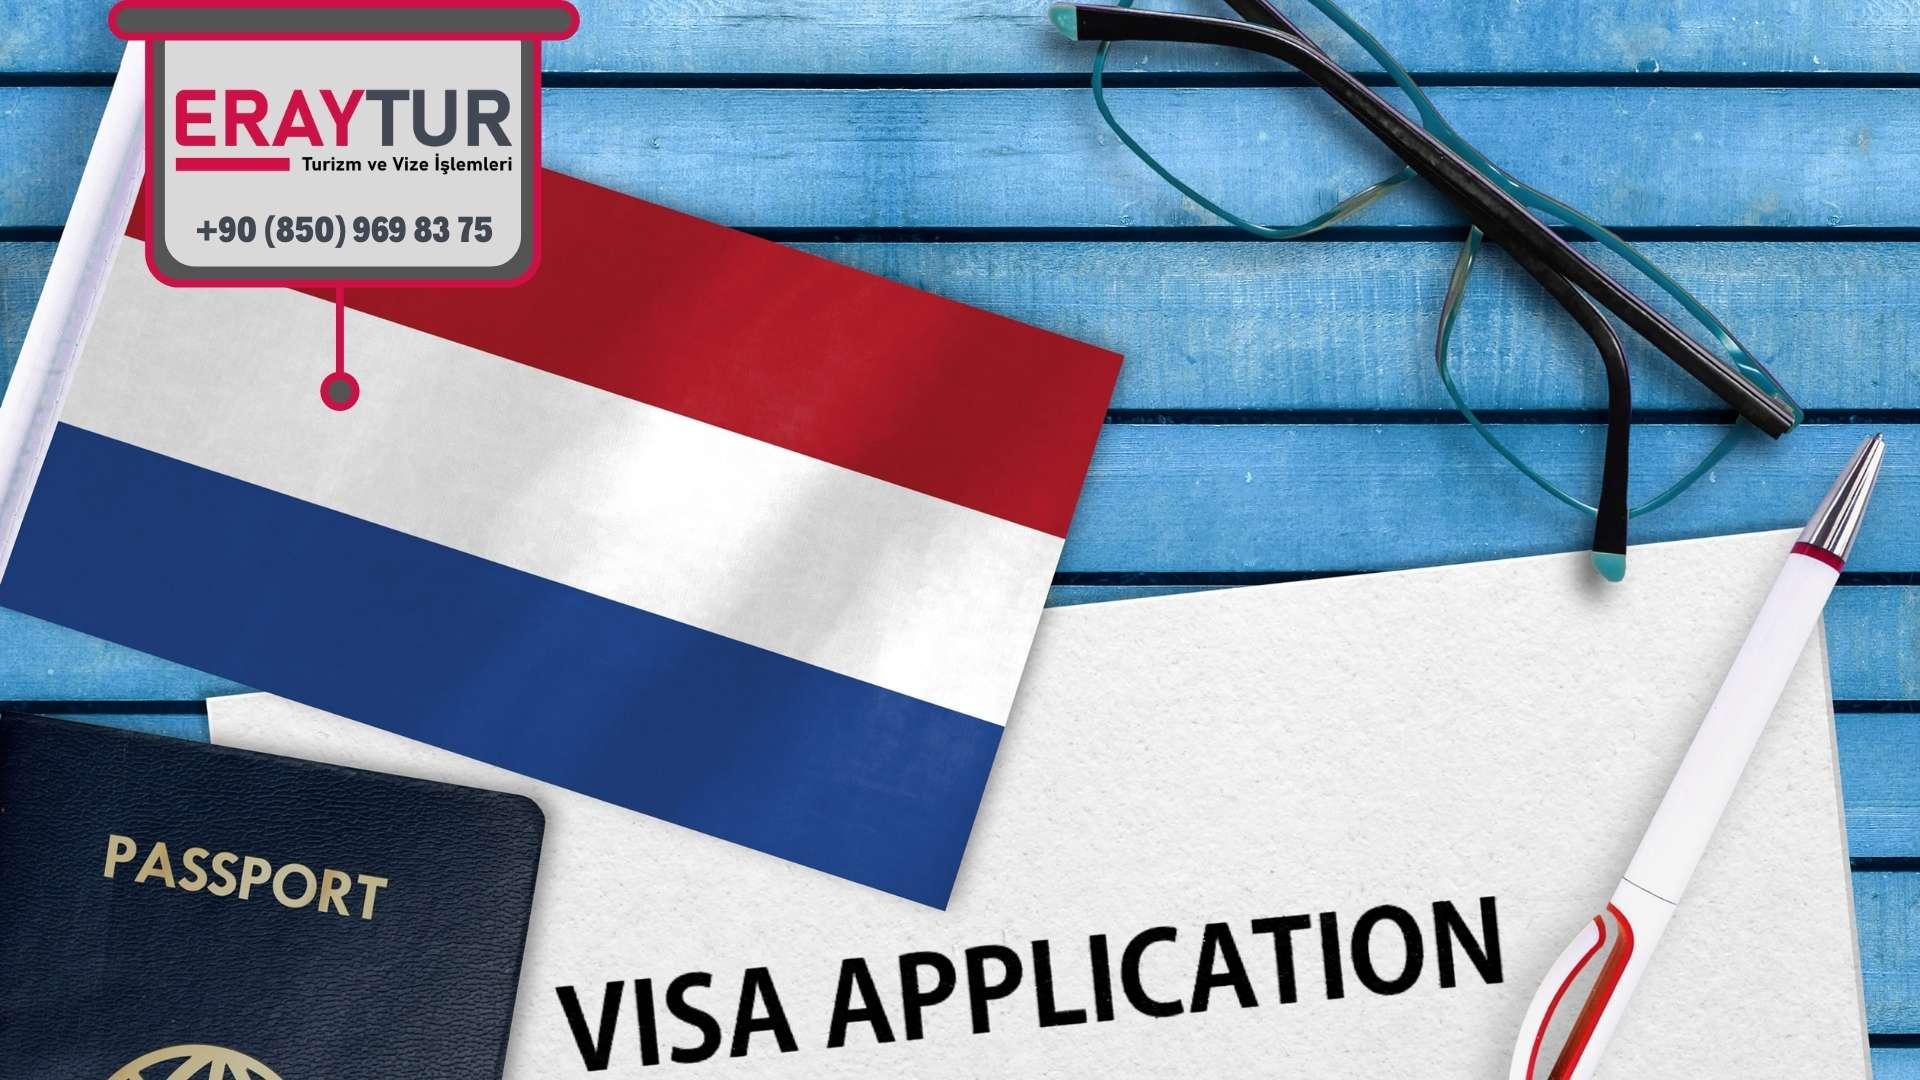 Hollanda Vize Formu Doldurulması Gereken Alanlar